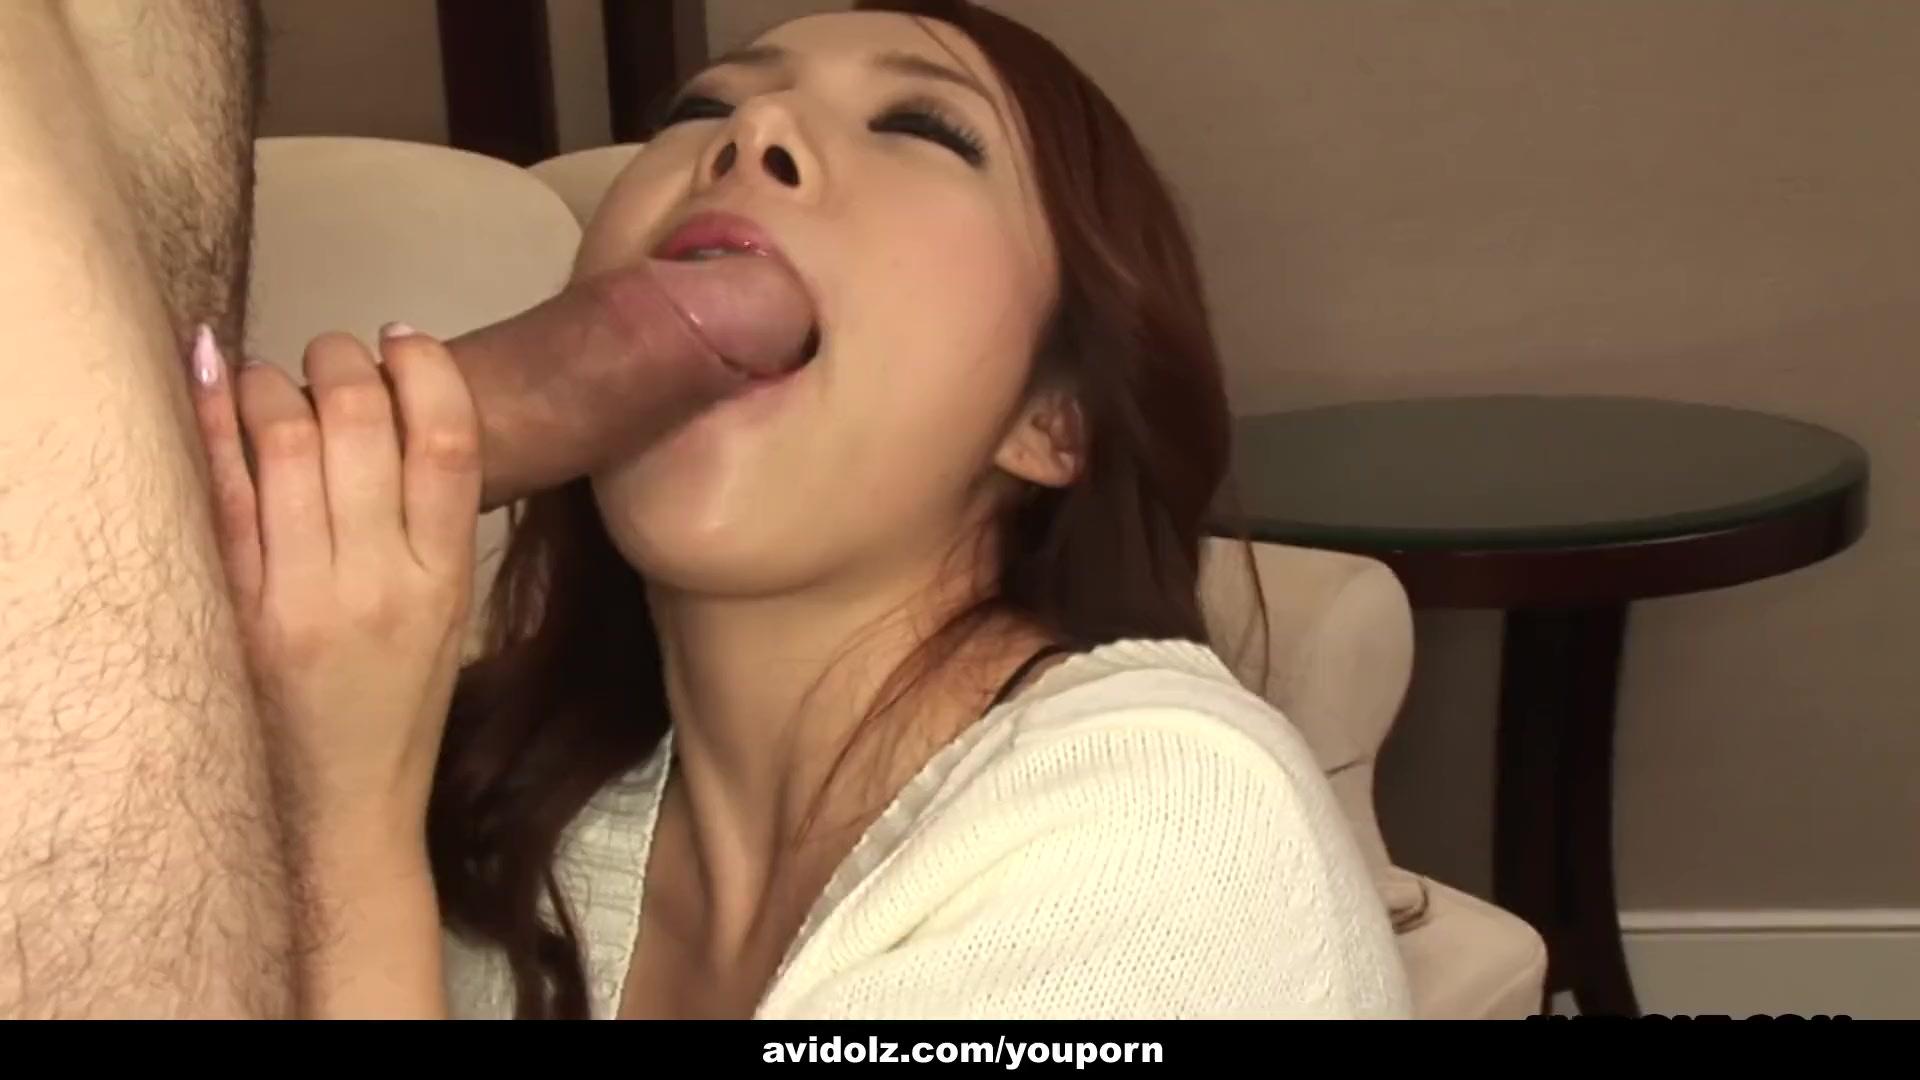 Nude lesbian asian girls